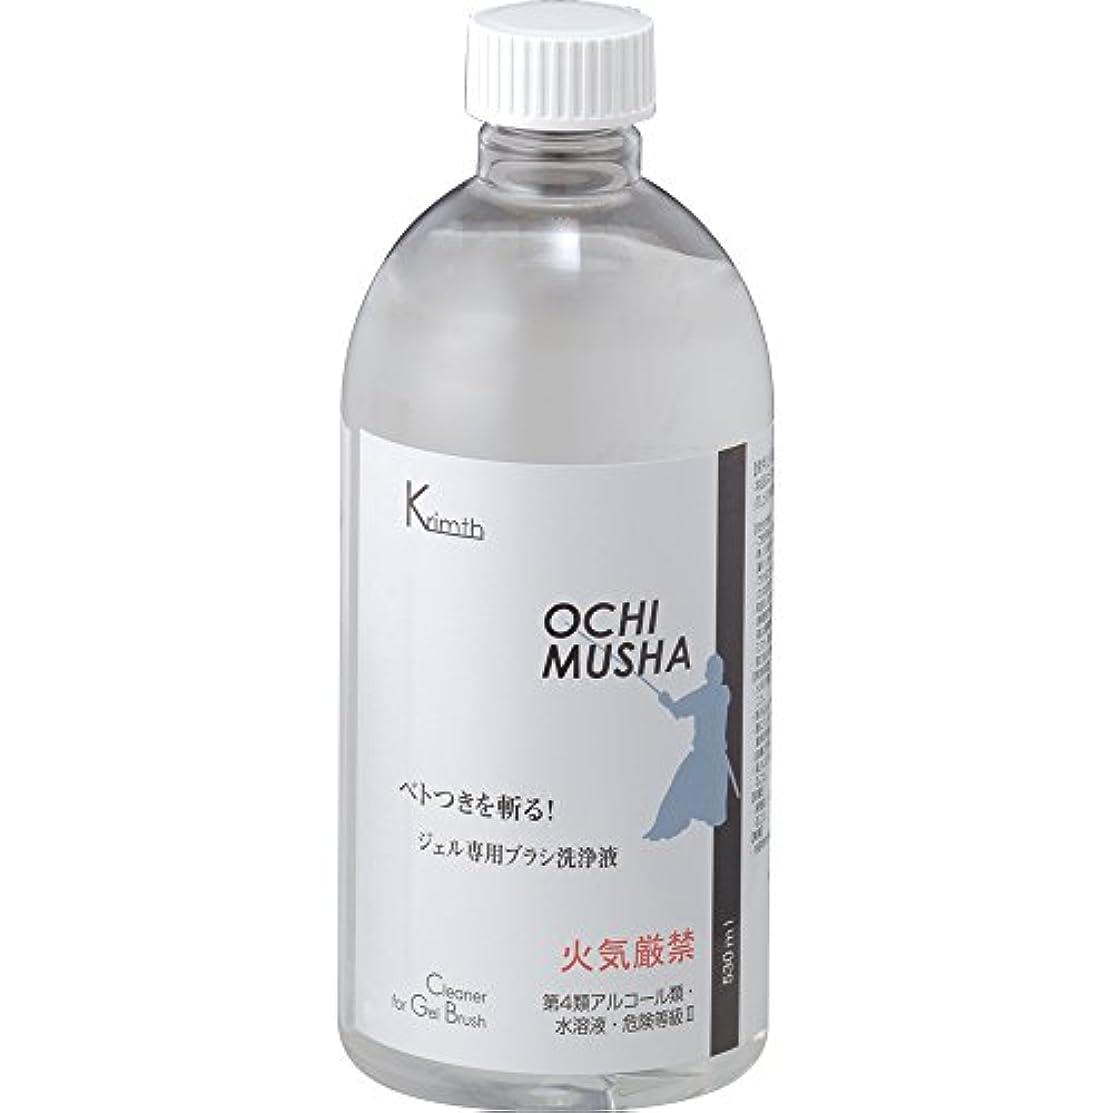 頬骨マーキー遺産Krimth Ochimusha 530ml